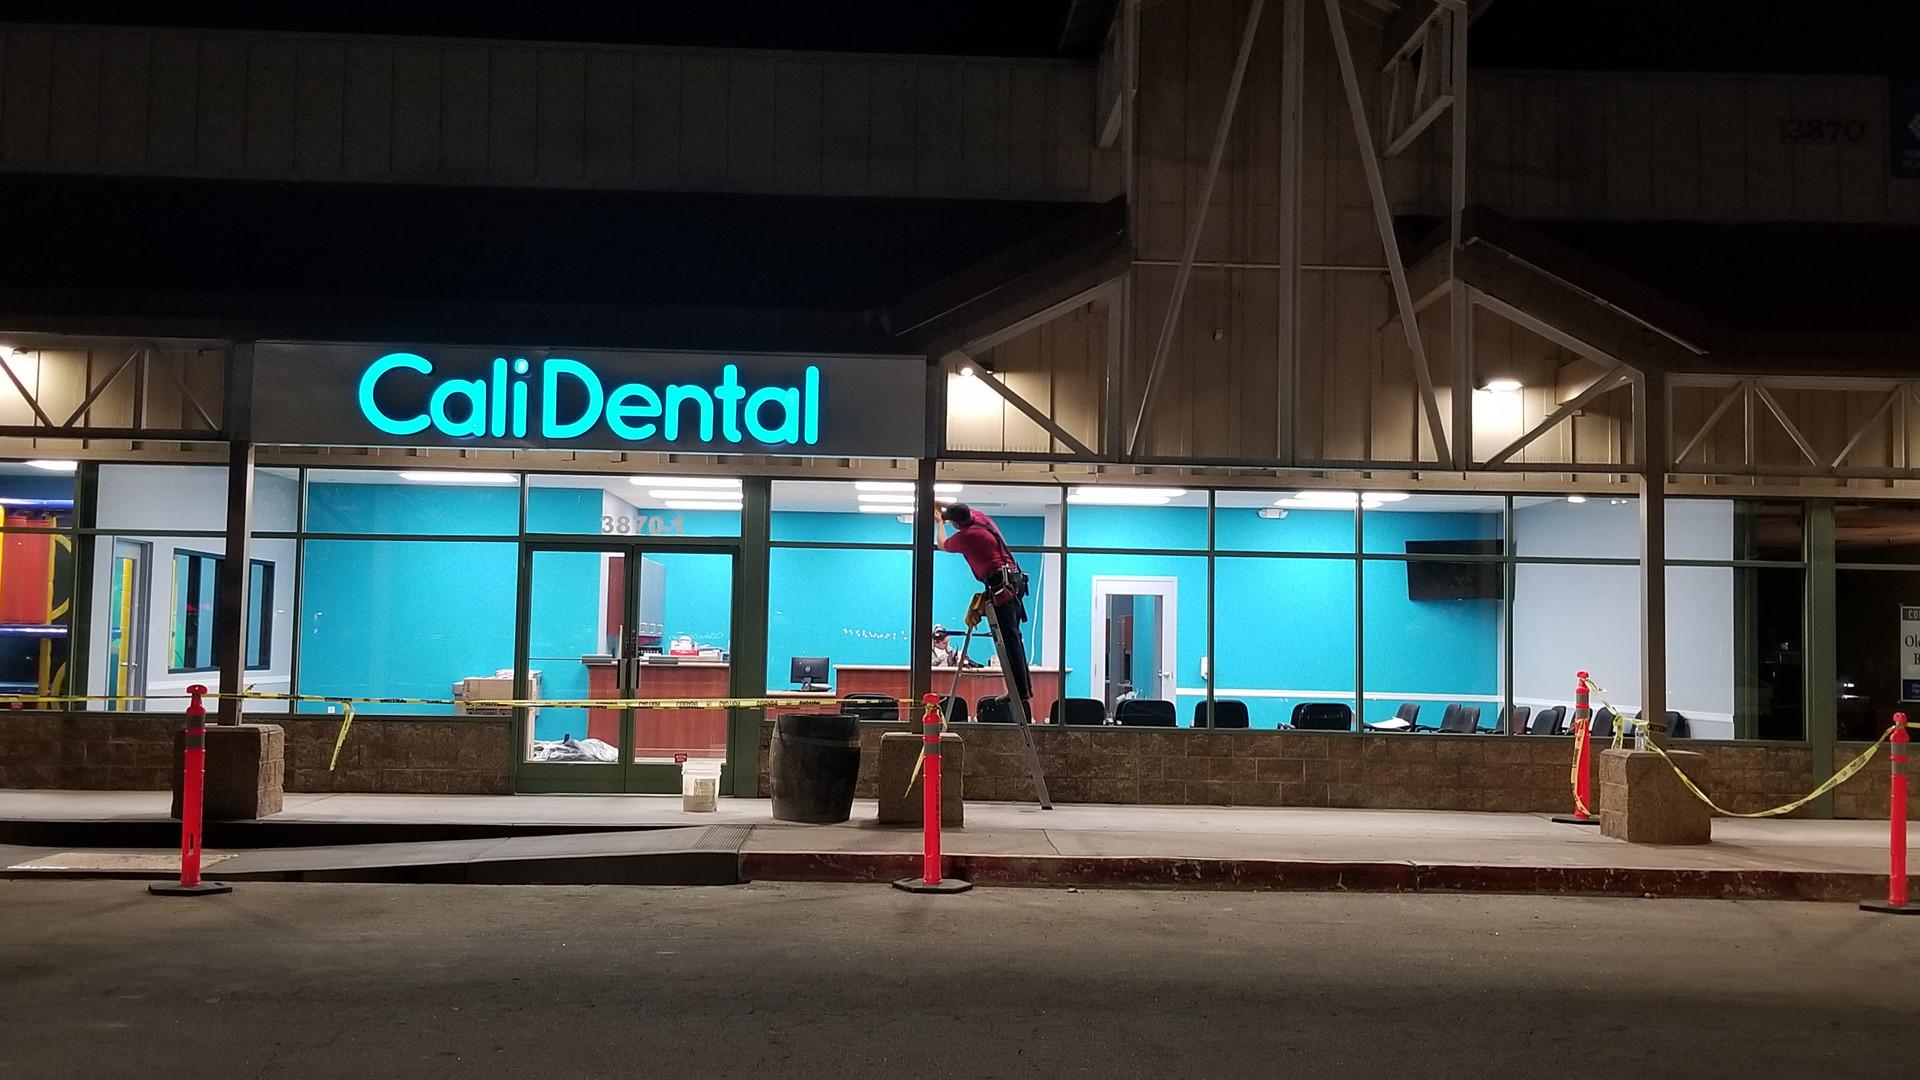 Cali Dental Front - Buildout Pros